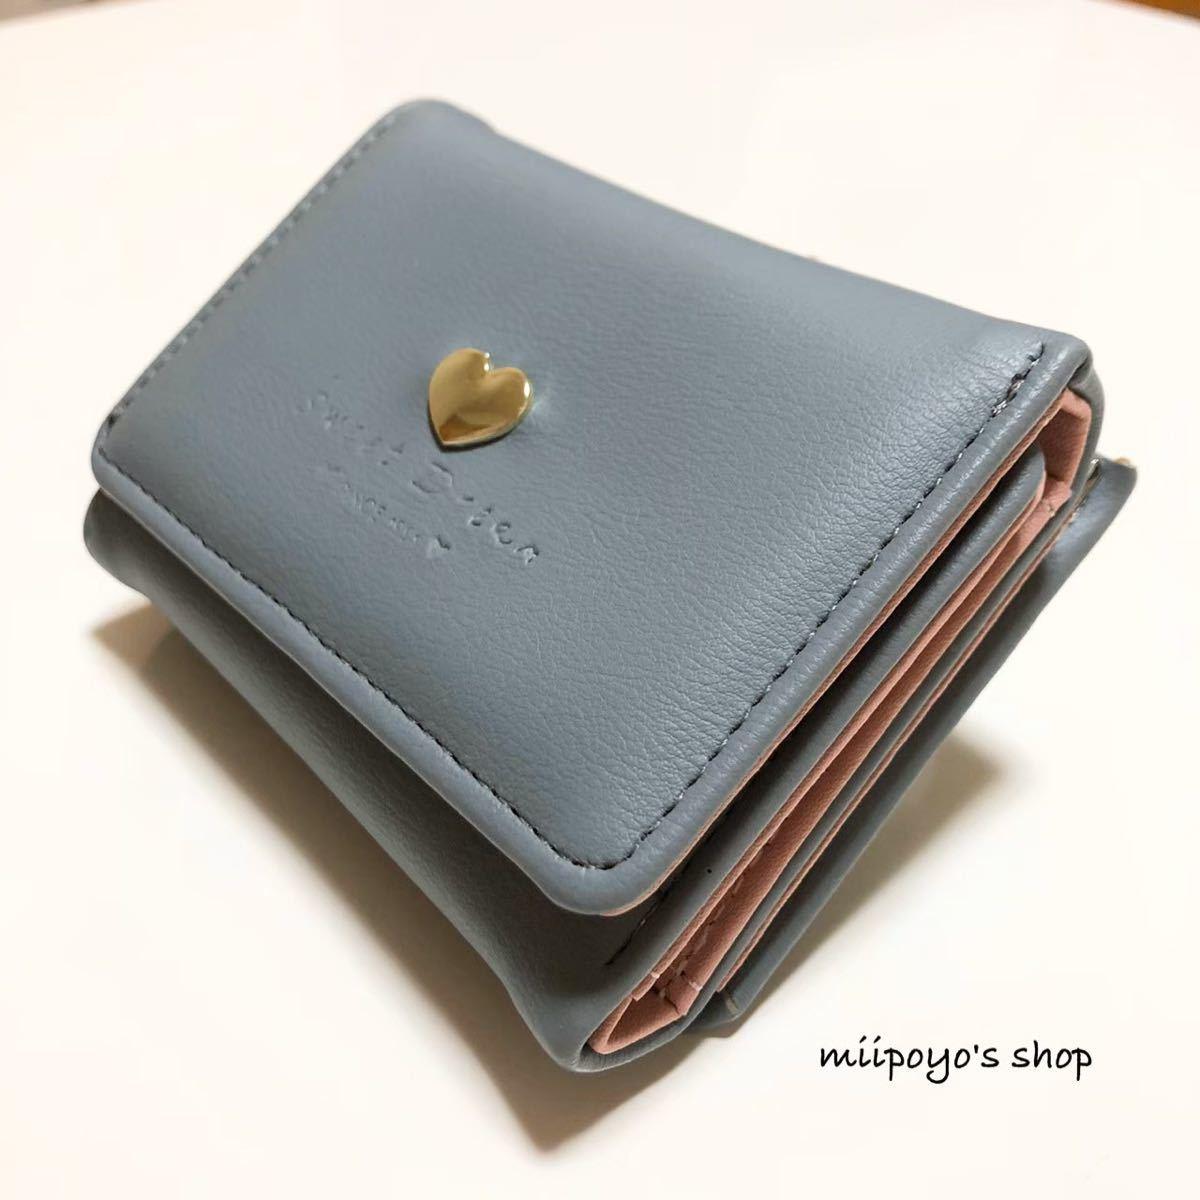 三つ折り財布 コインケース ミニ財布 小銭入れ コンパクト ウォレット ハート プチプラ カラバリ豊富